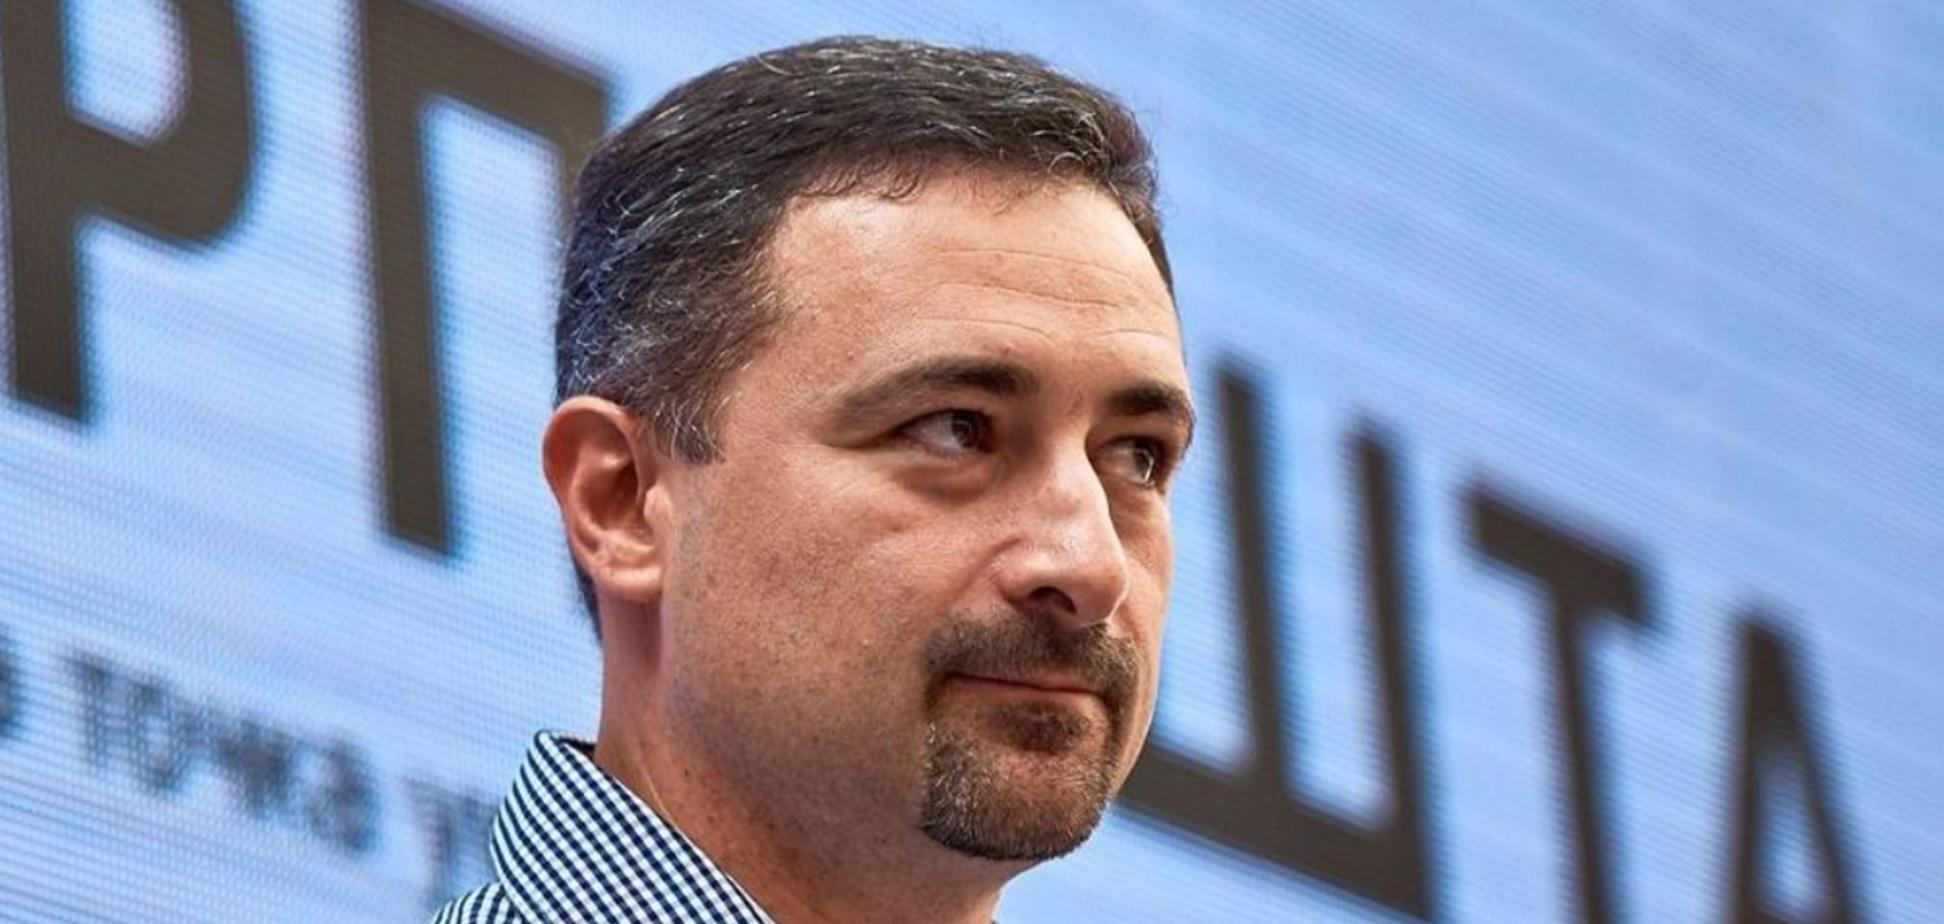 Сотрудник Укрпочты потребовал 1 млрд евро компенсации за принудительную вакцинацию